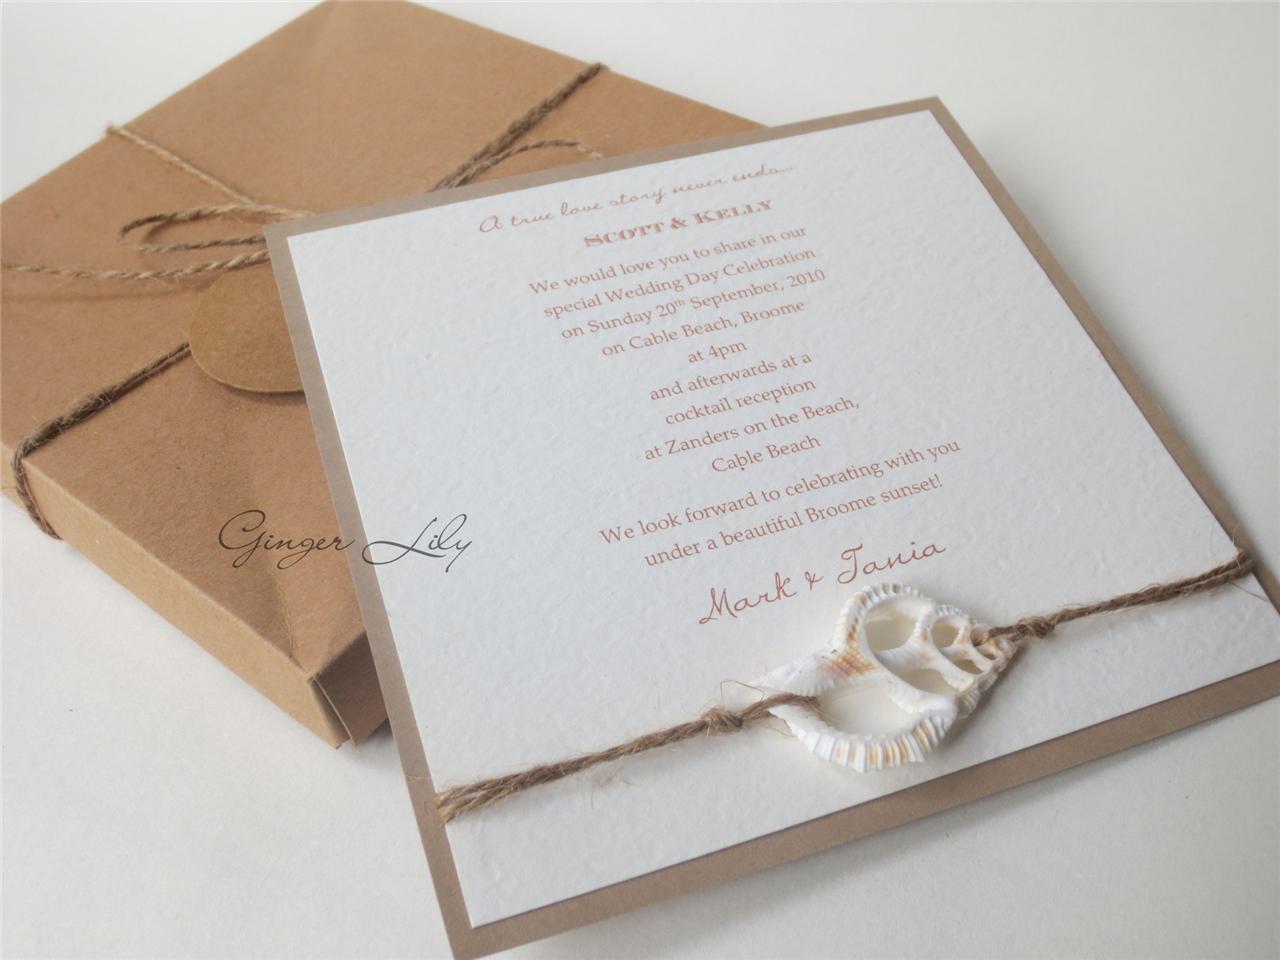 Dyi Wedding Invitations: Wedding Invitation DIY Kit